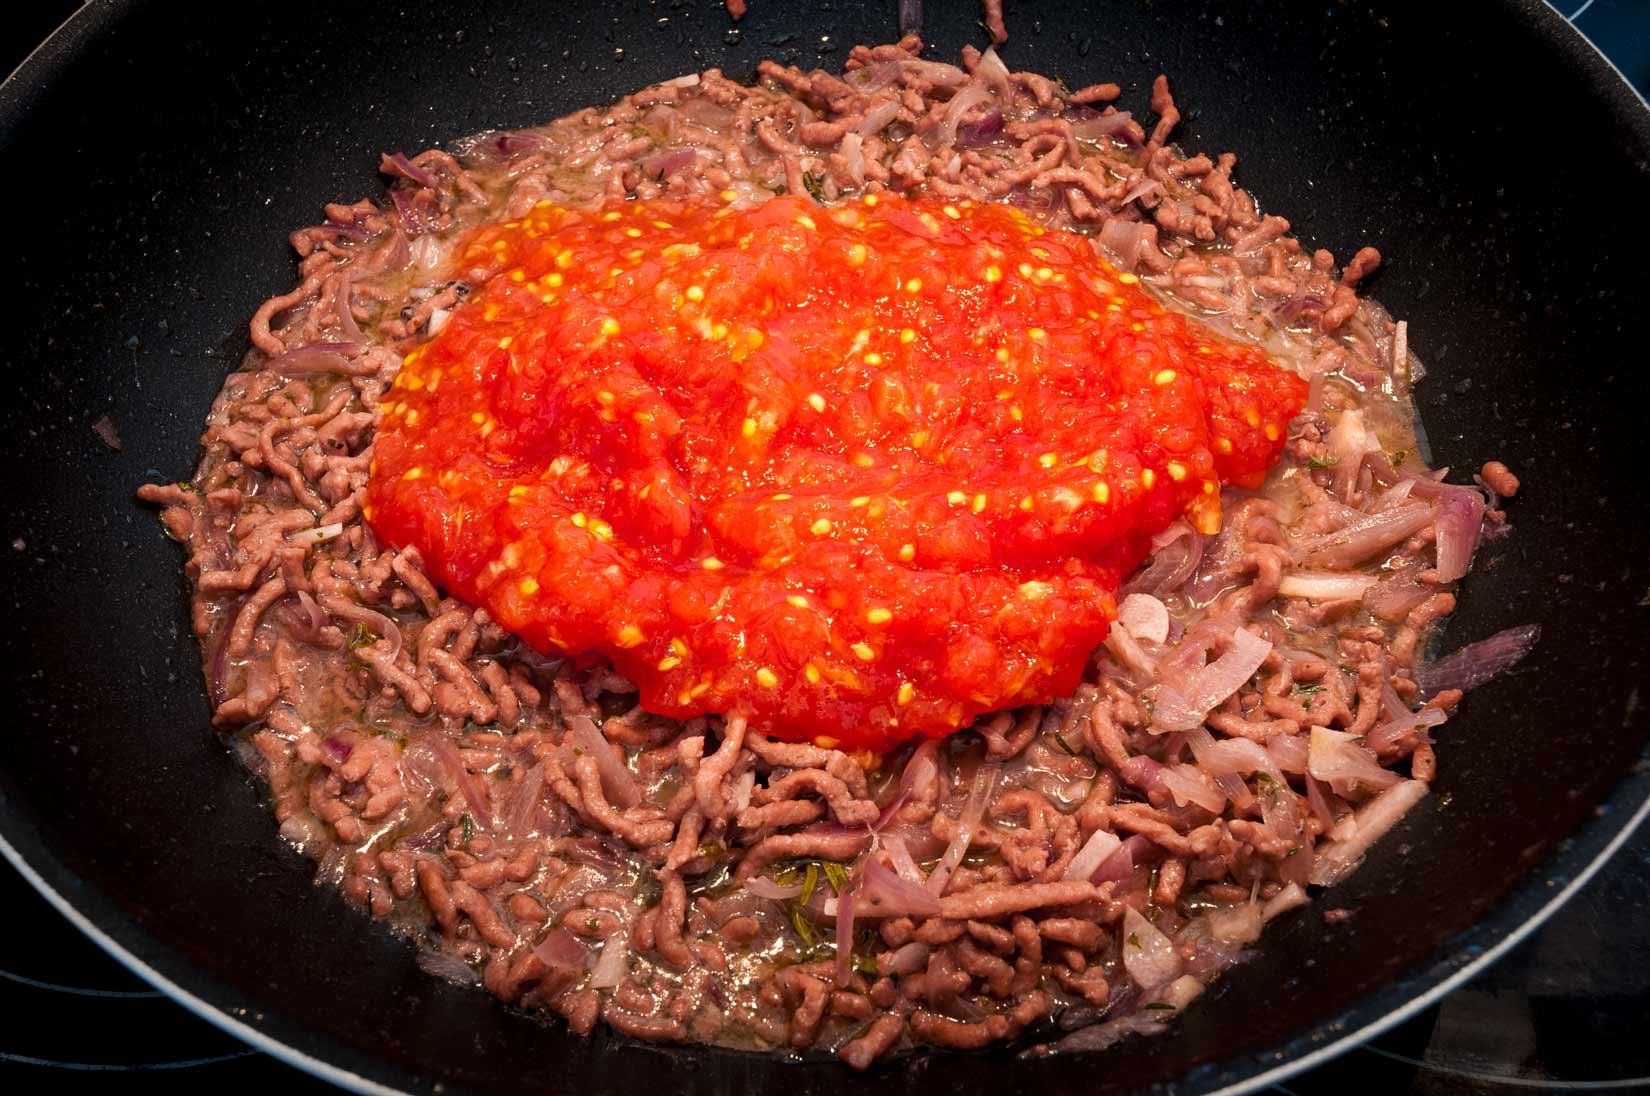 Masíčko zhnědlo, přidáme tedy rajčatové pyré